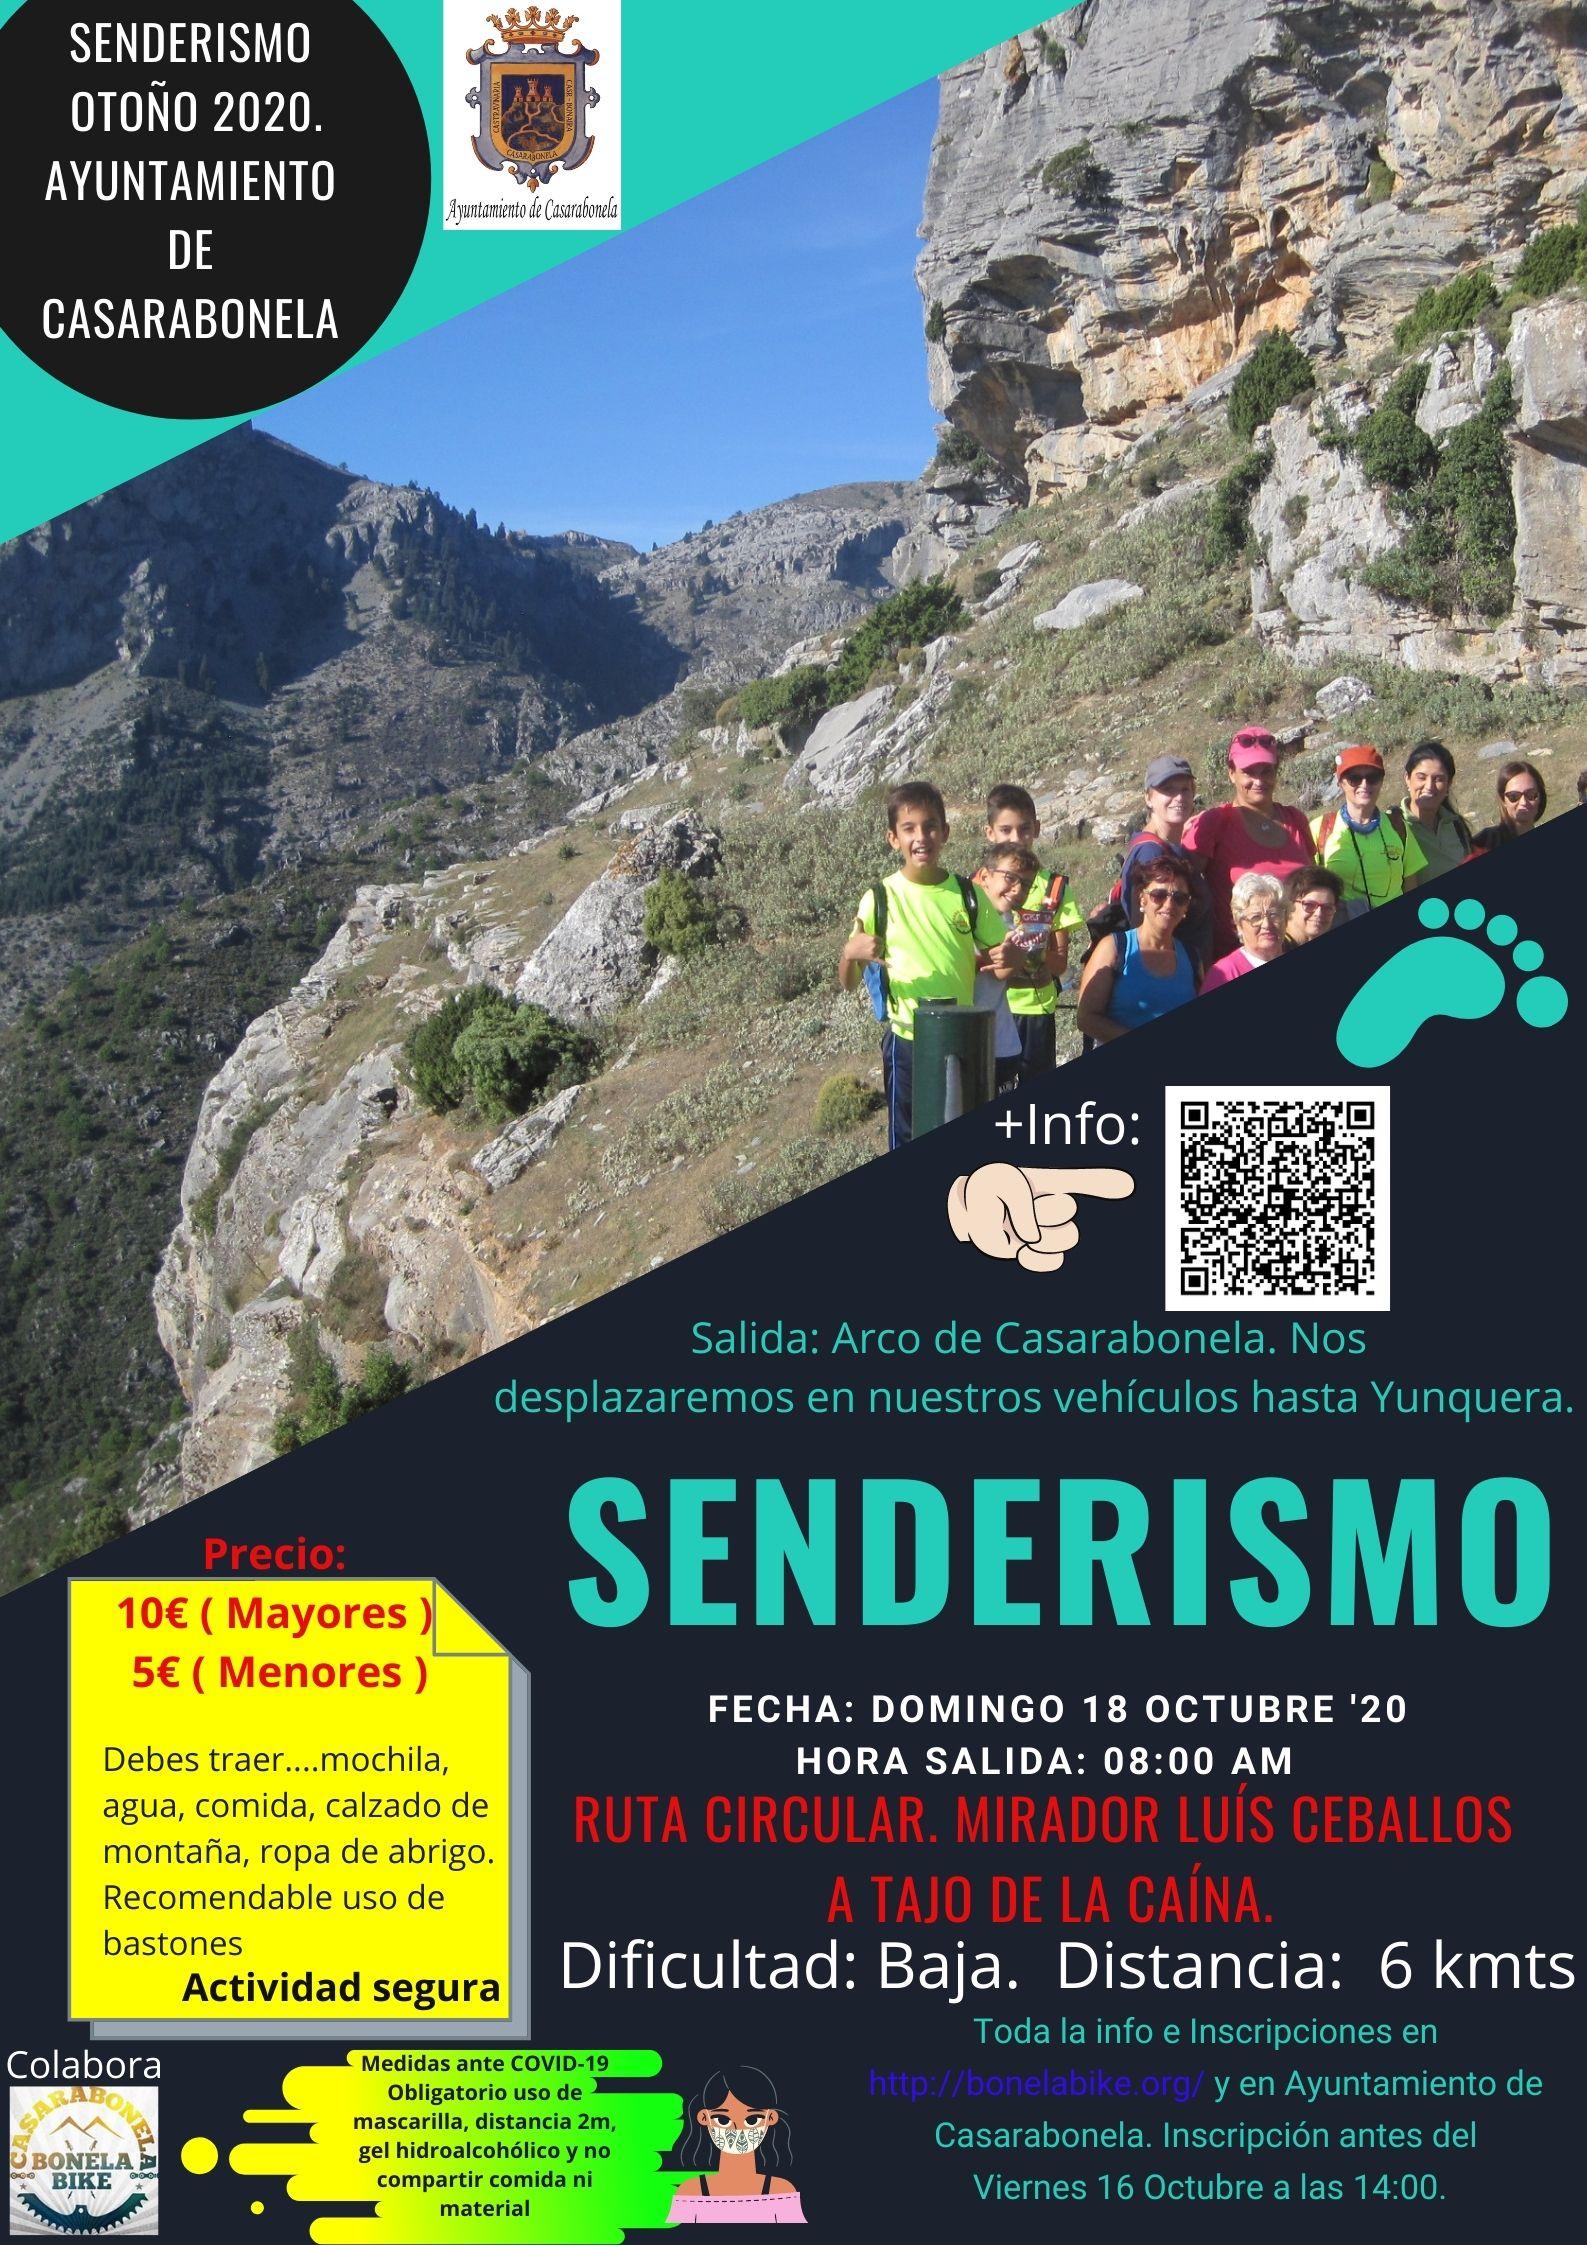 Ruta de Senderismo. Sierra de las Nieves. Mirador de Luís Ceballos a Tajo de la Caína. Fecha: Domingo 18 Octubre 2020.